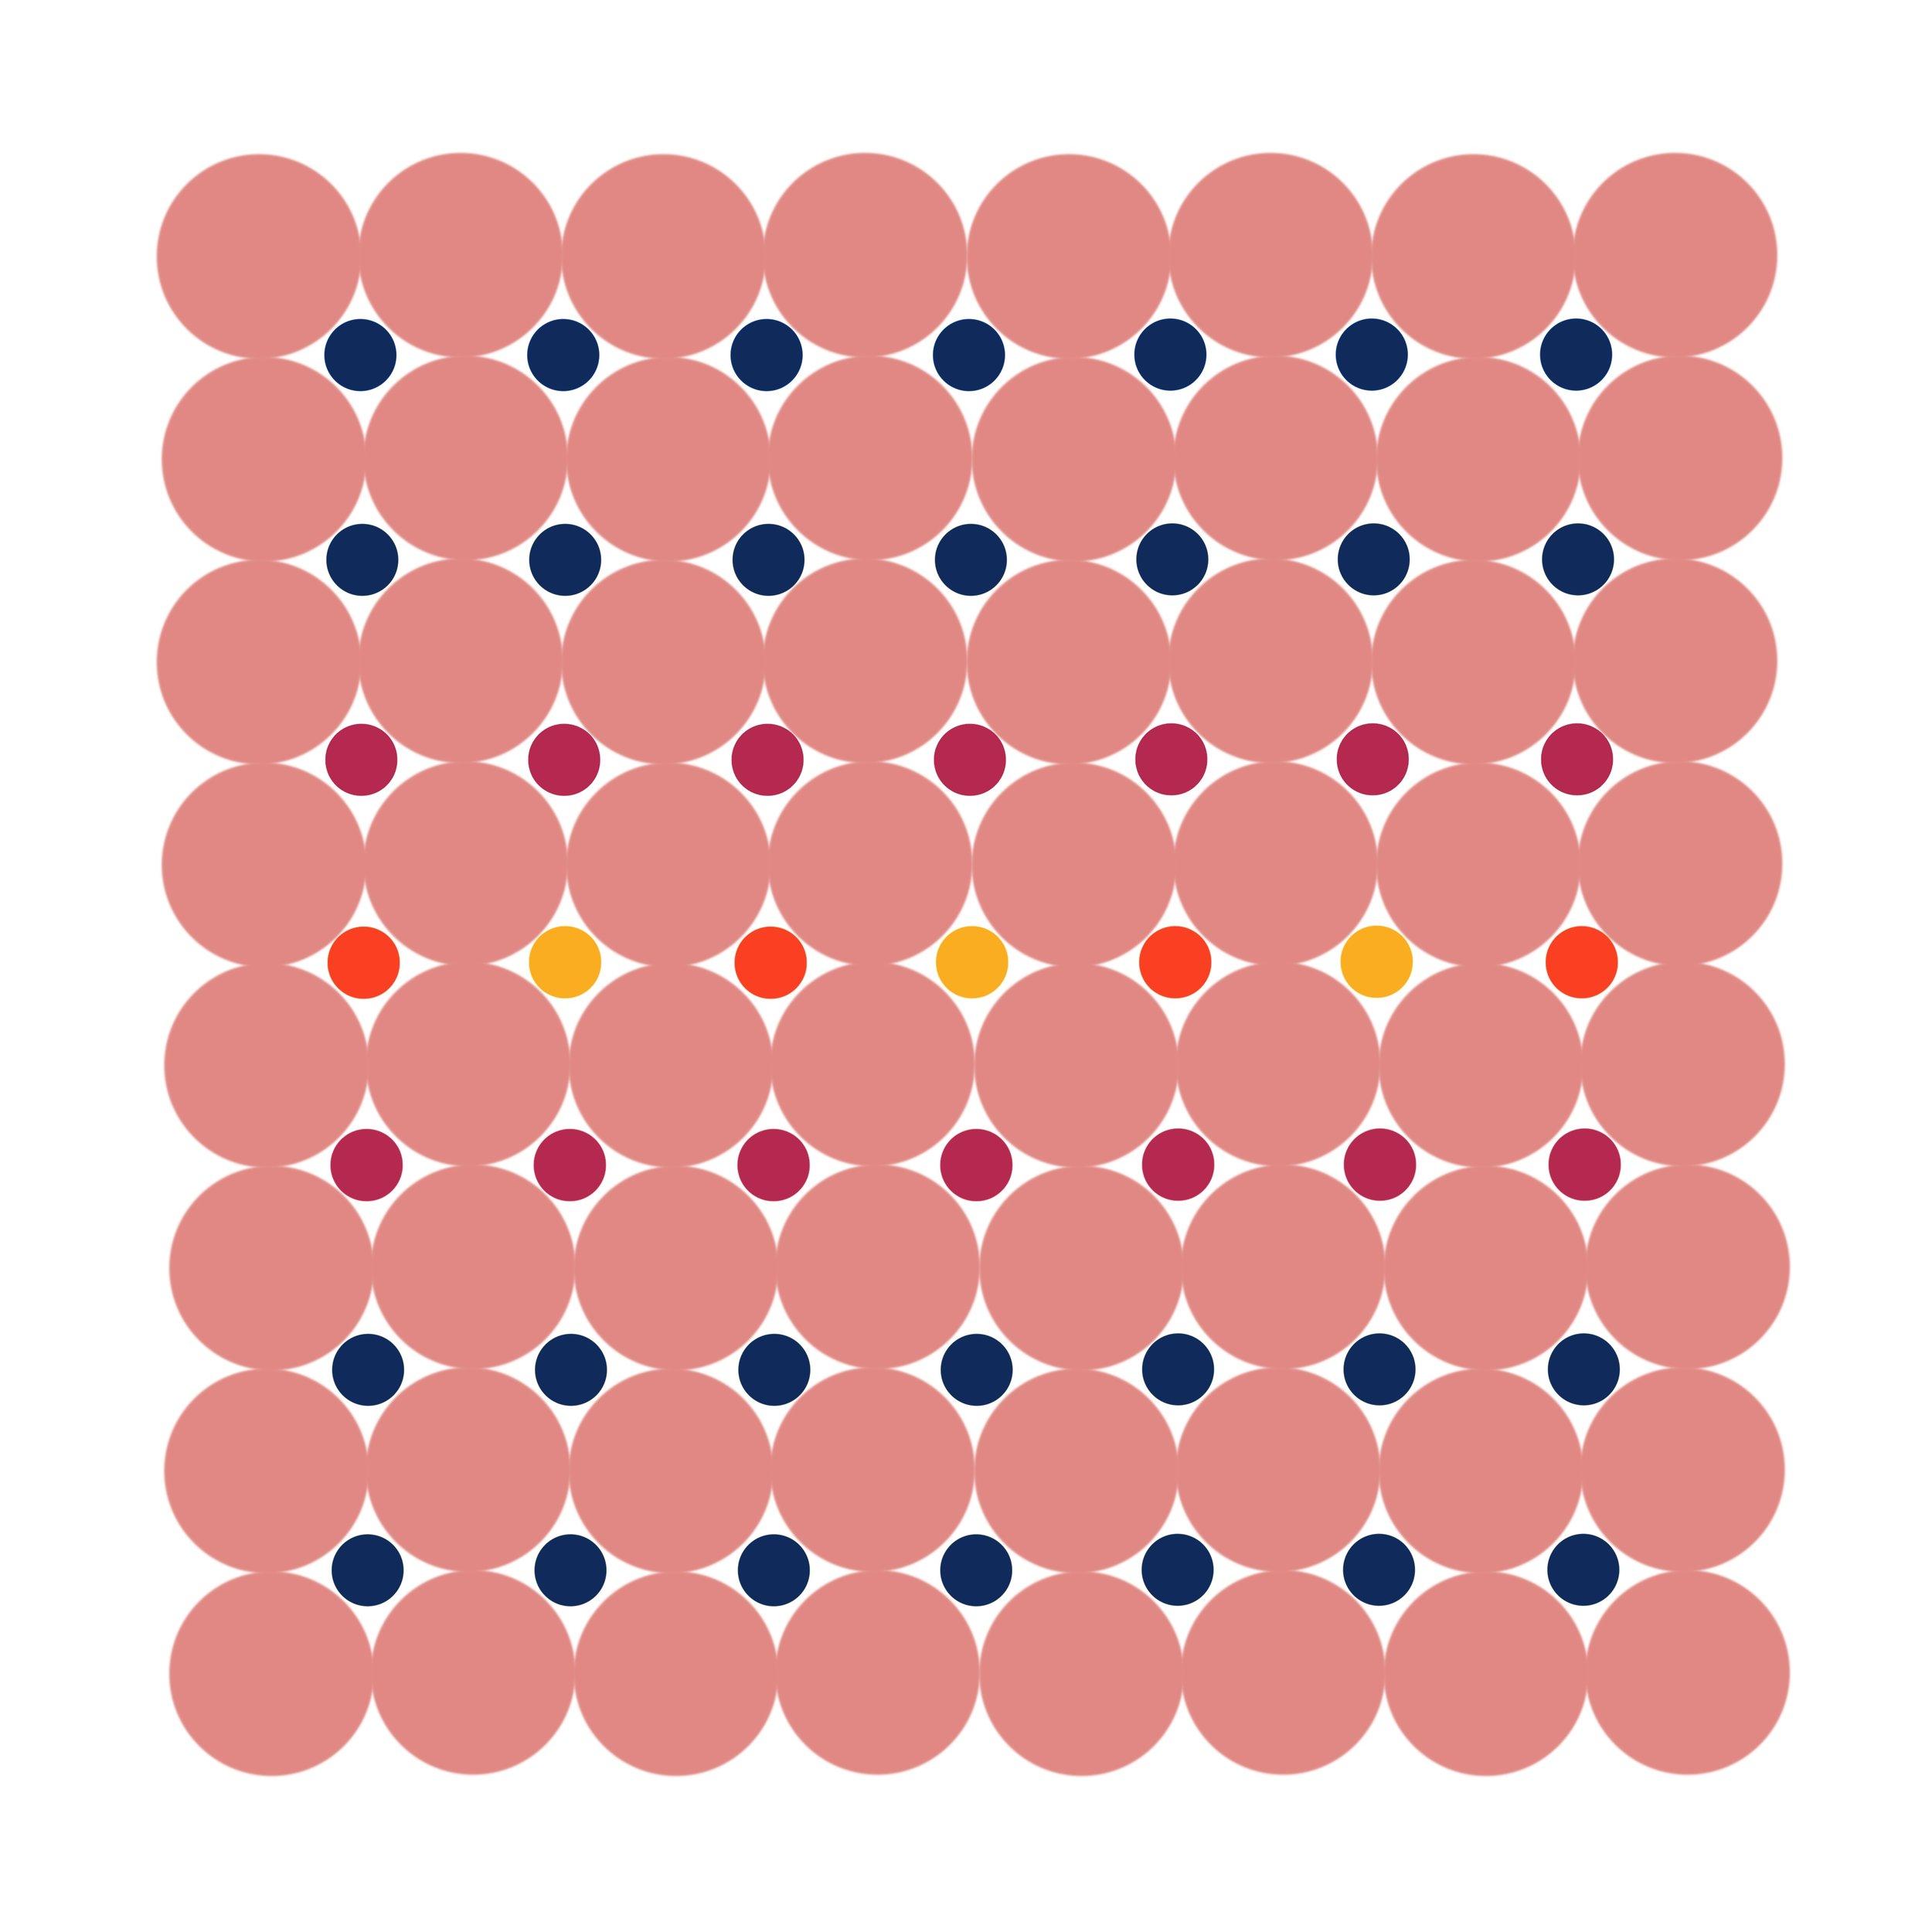 Dot Structure 9 - Dusky Pink